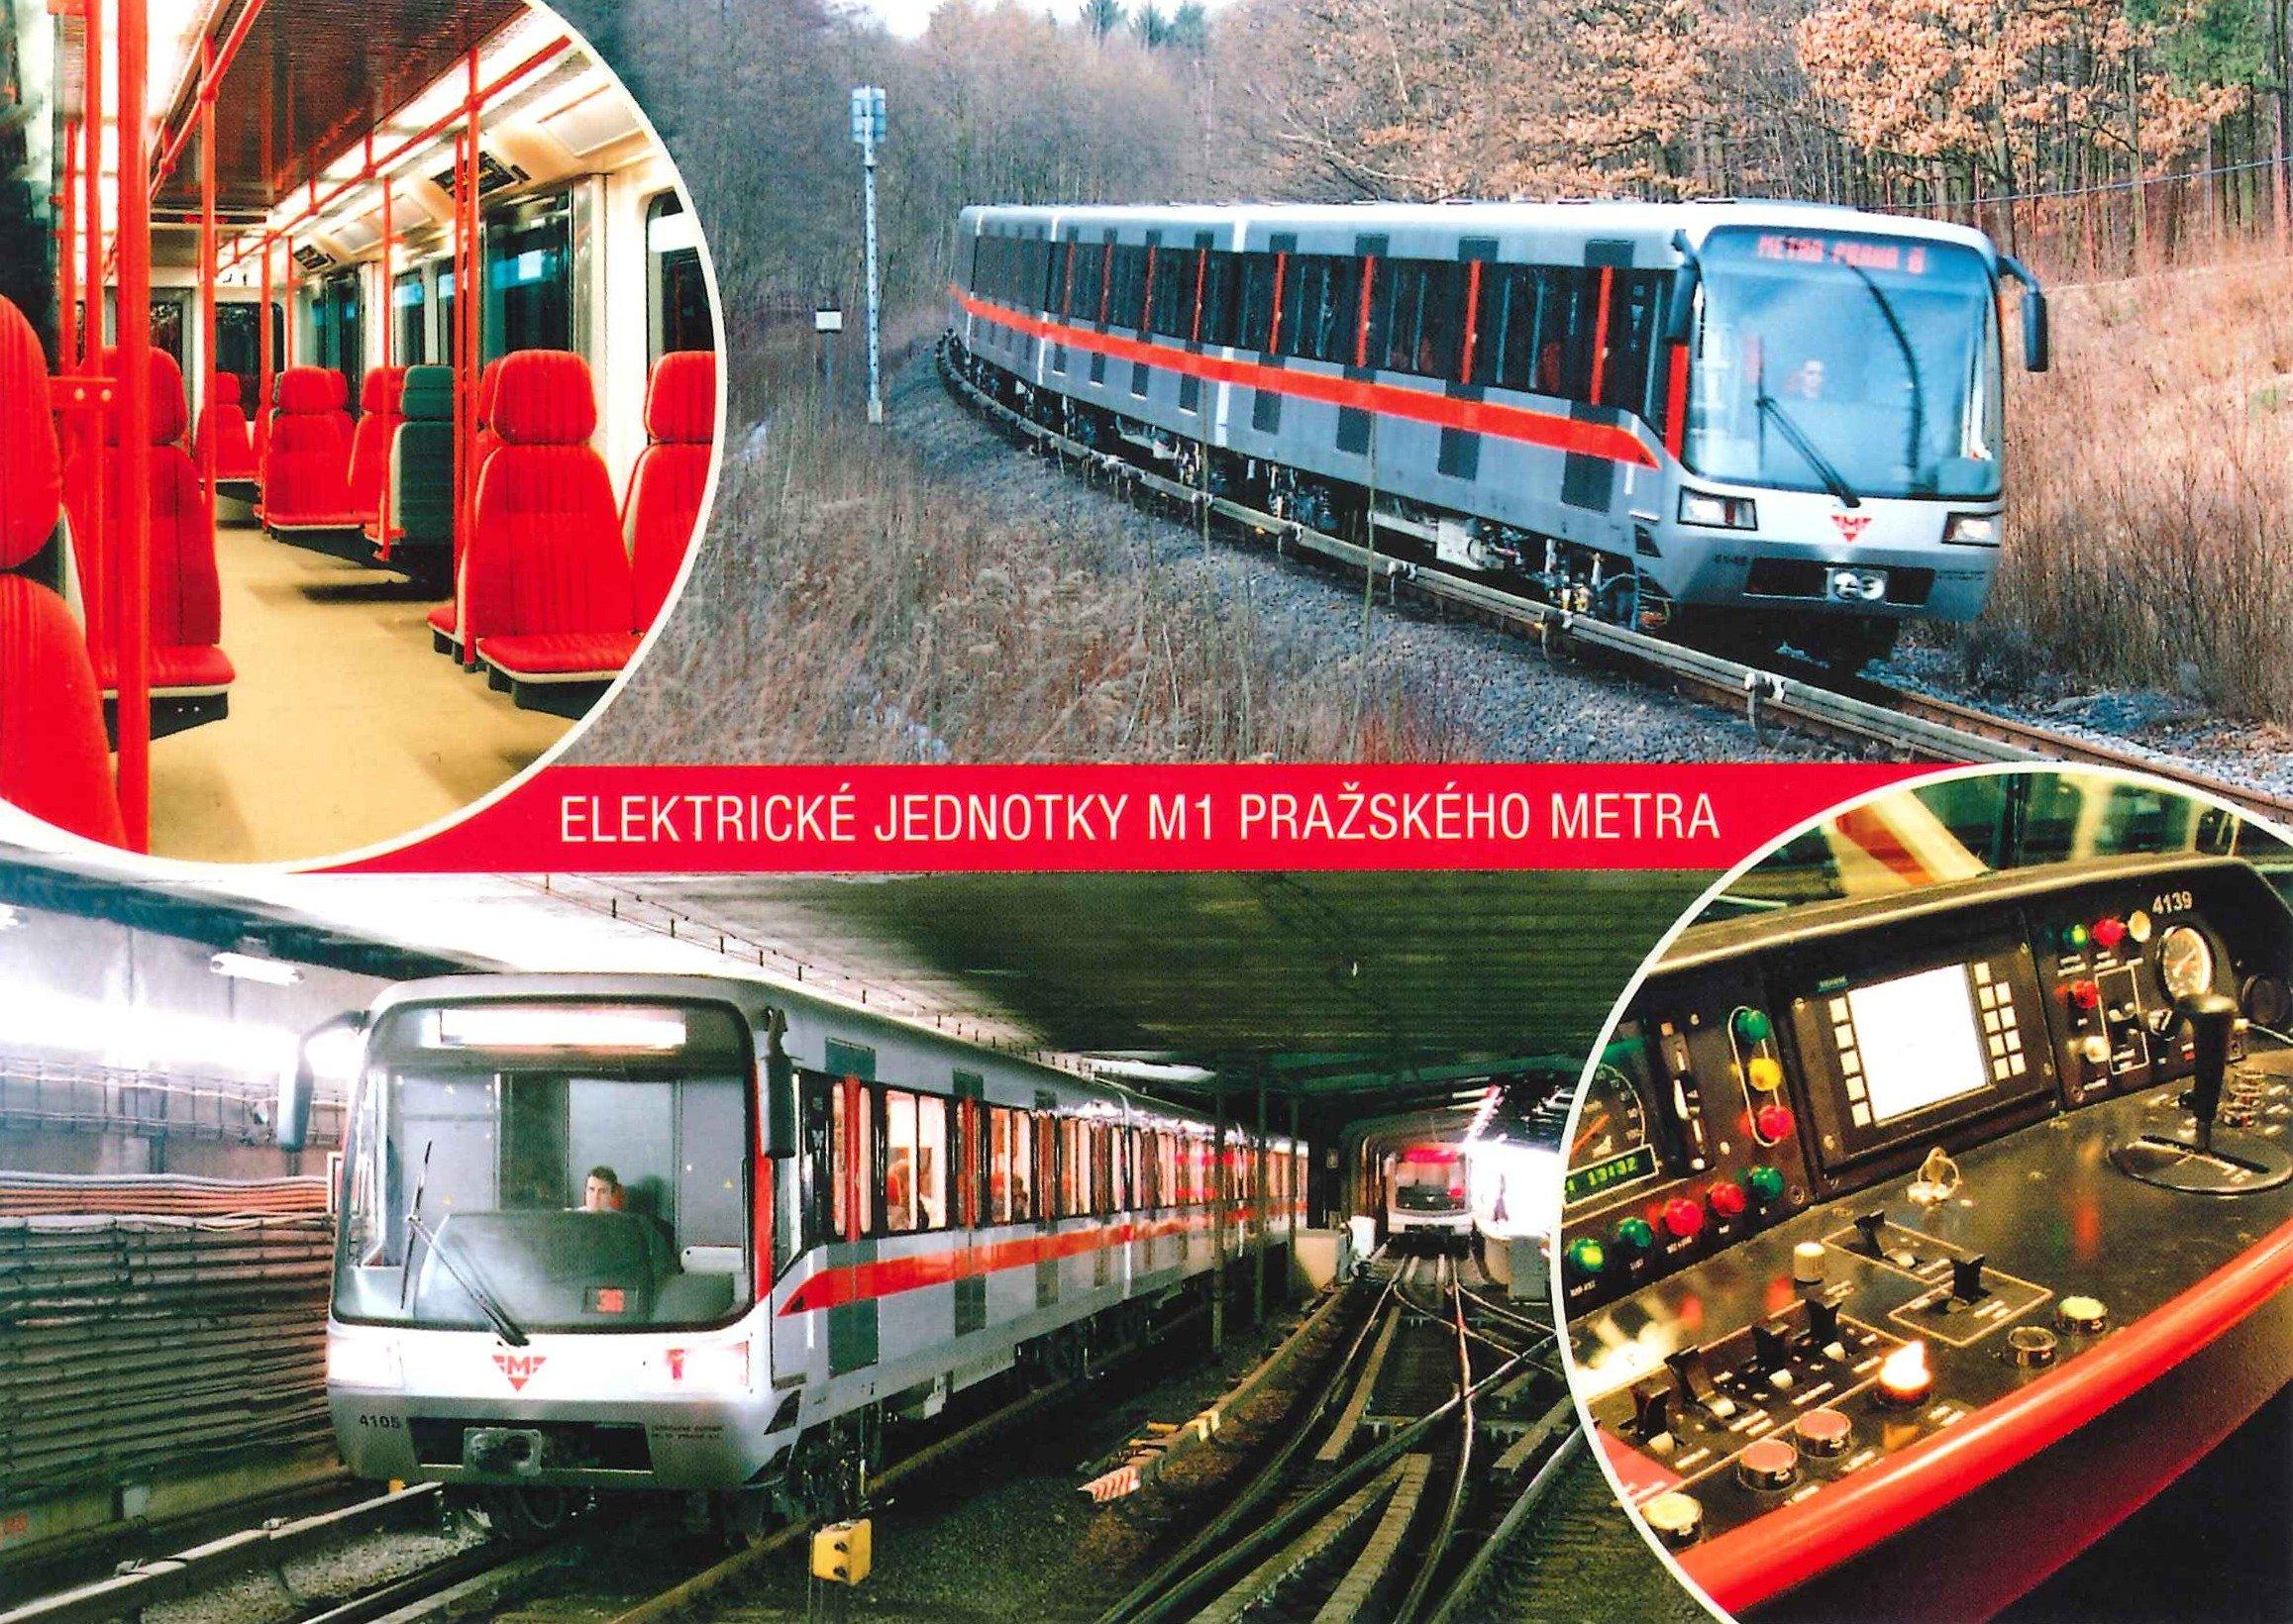 Pohlednice Elektrické jednotky M1